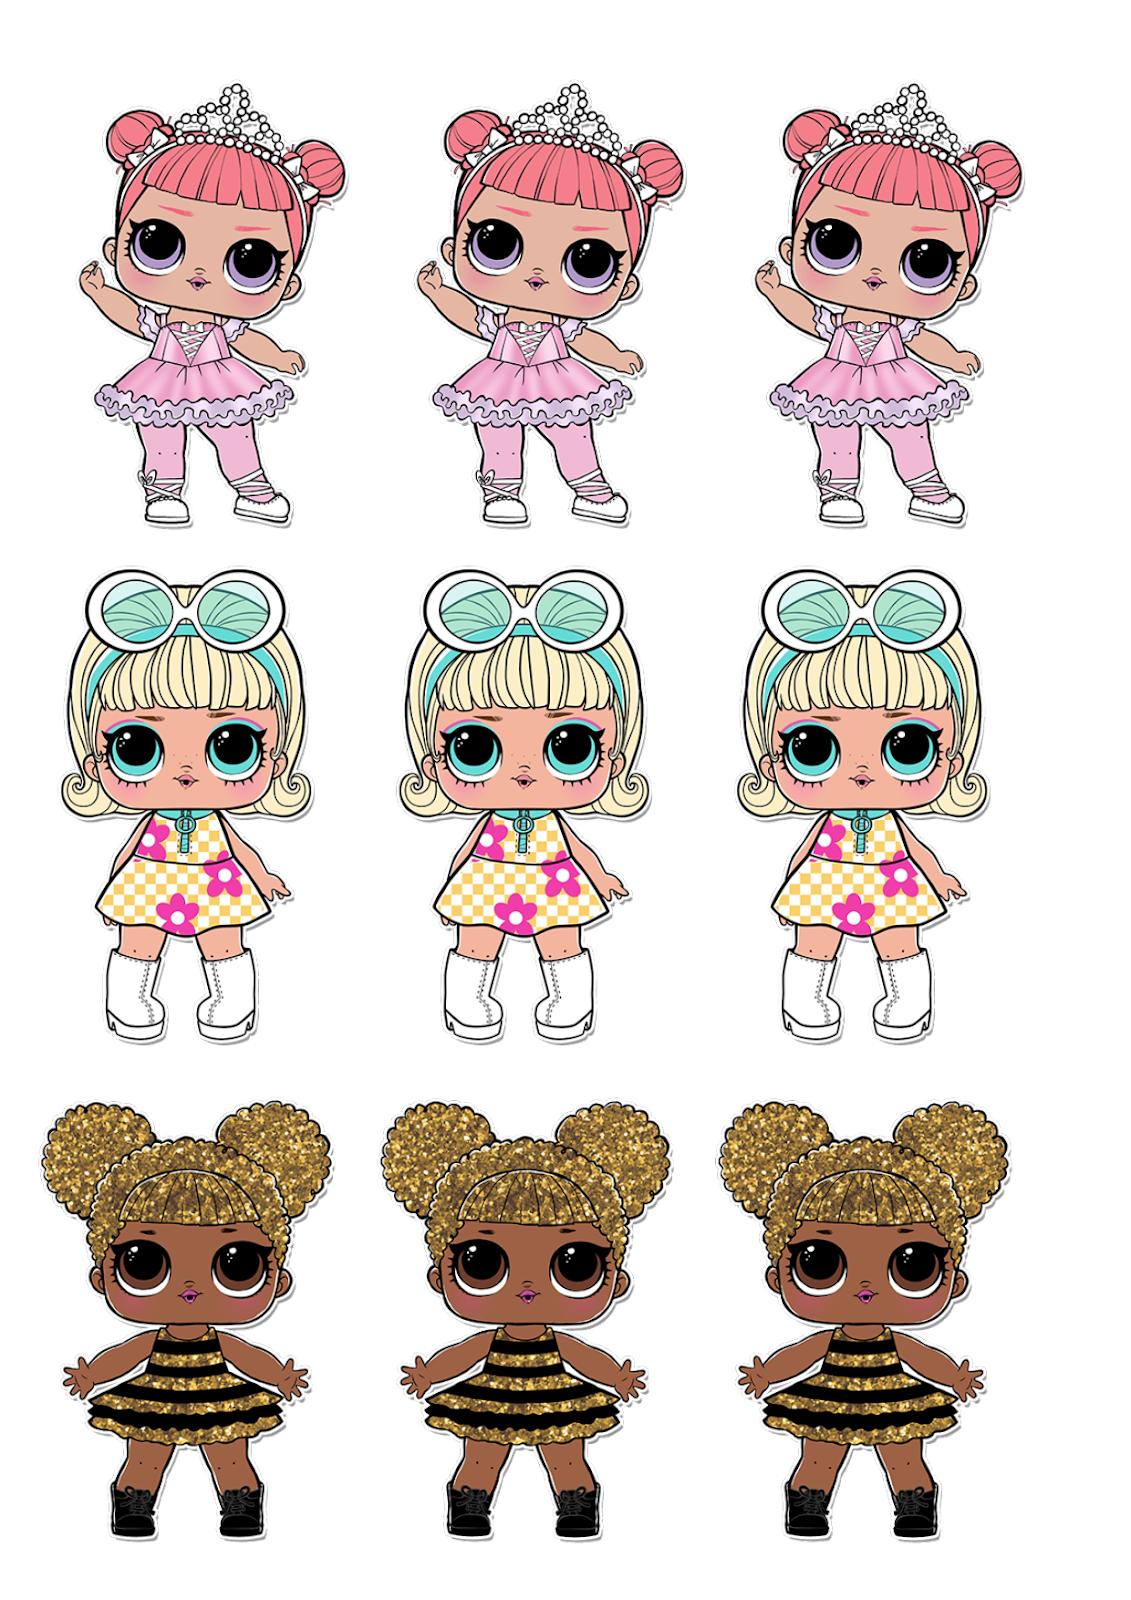 картинки кукол для распечатки цветные табаков